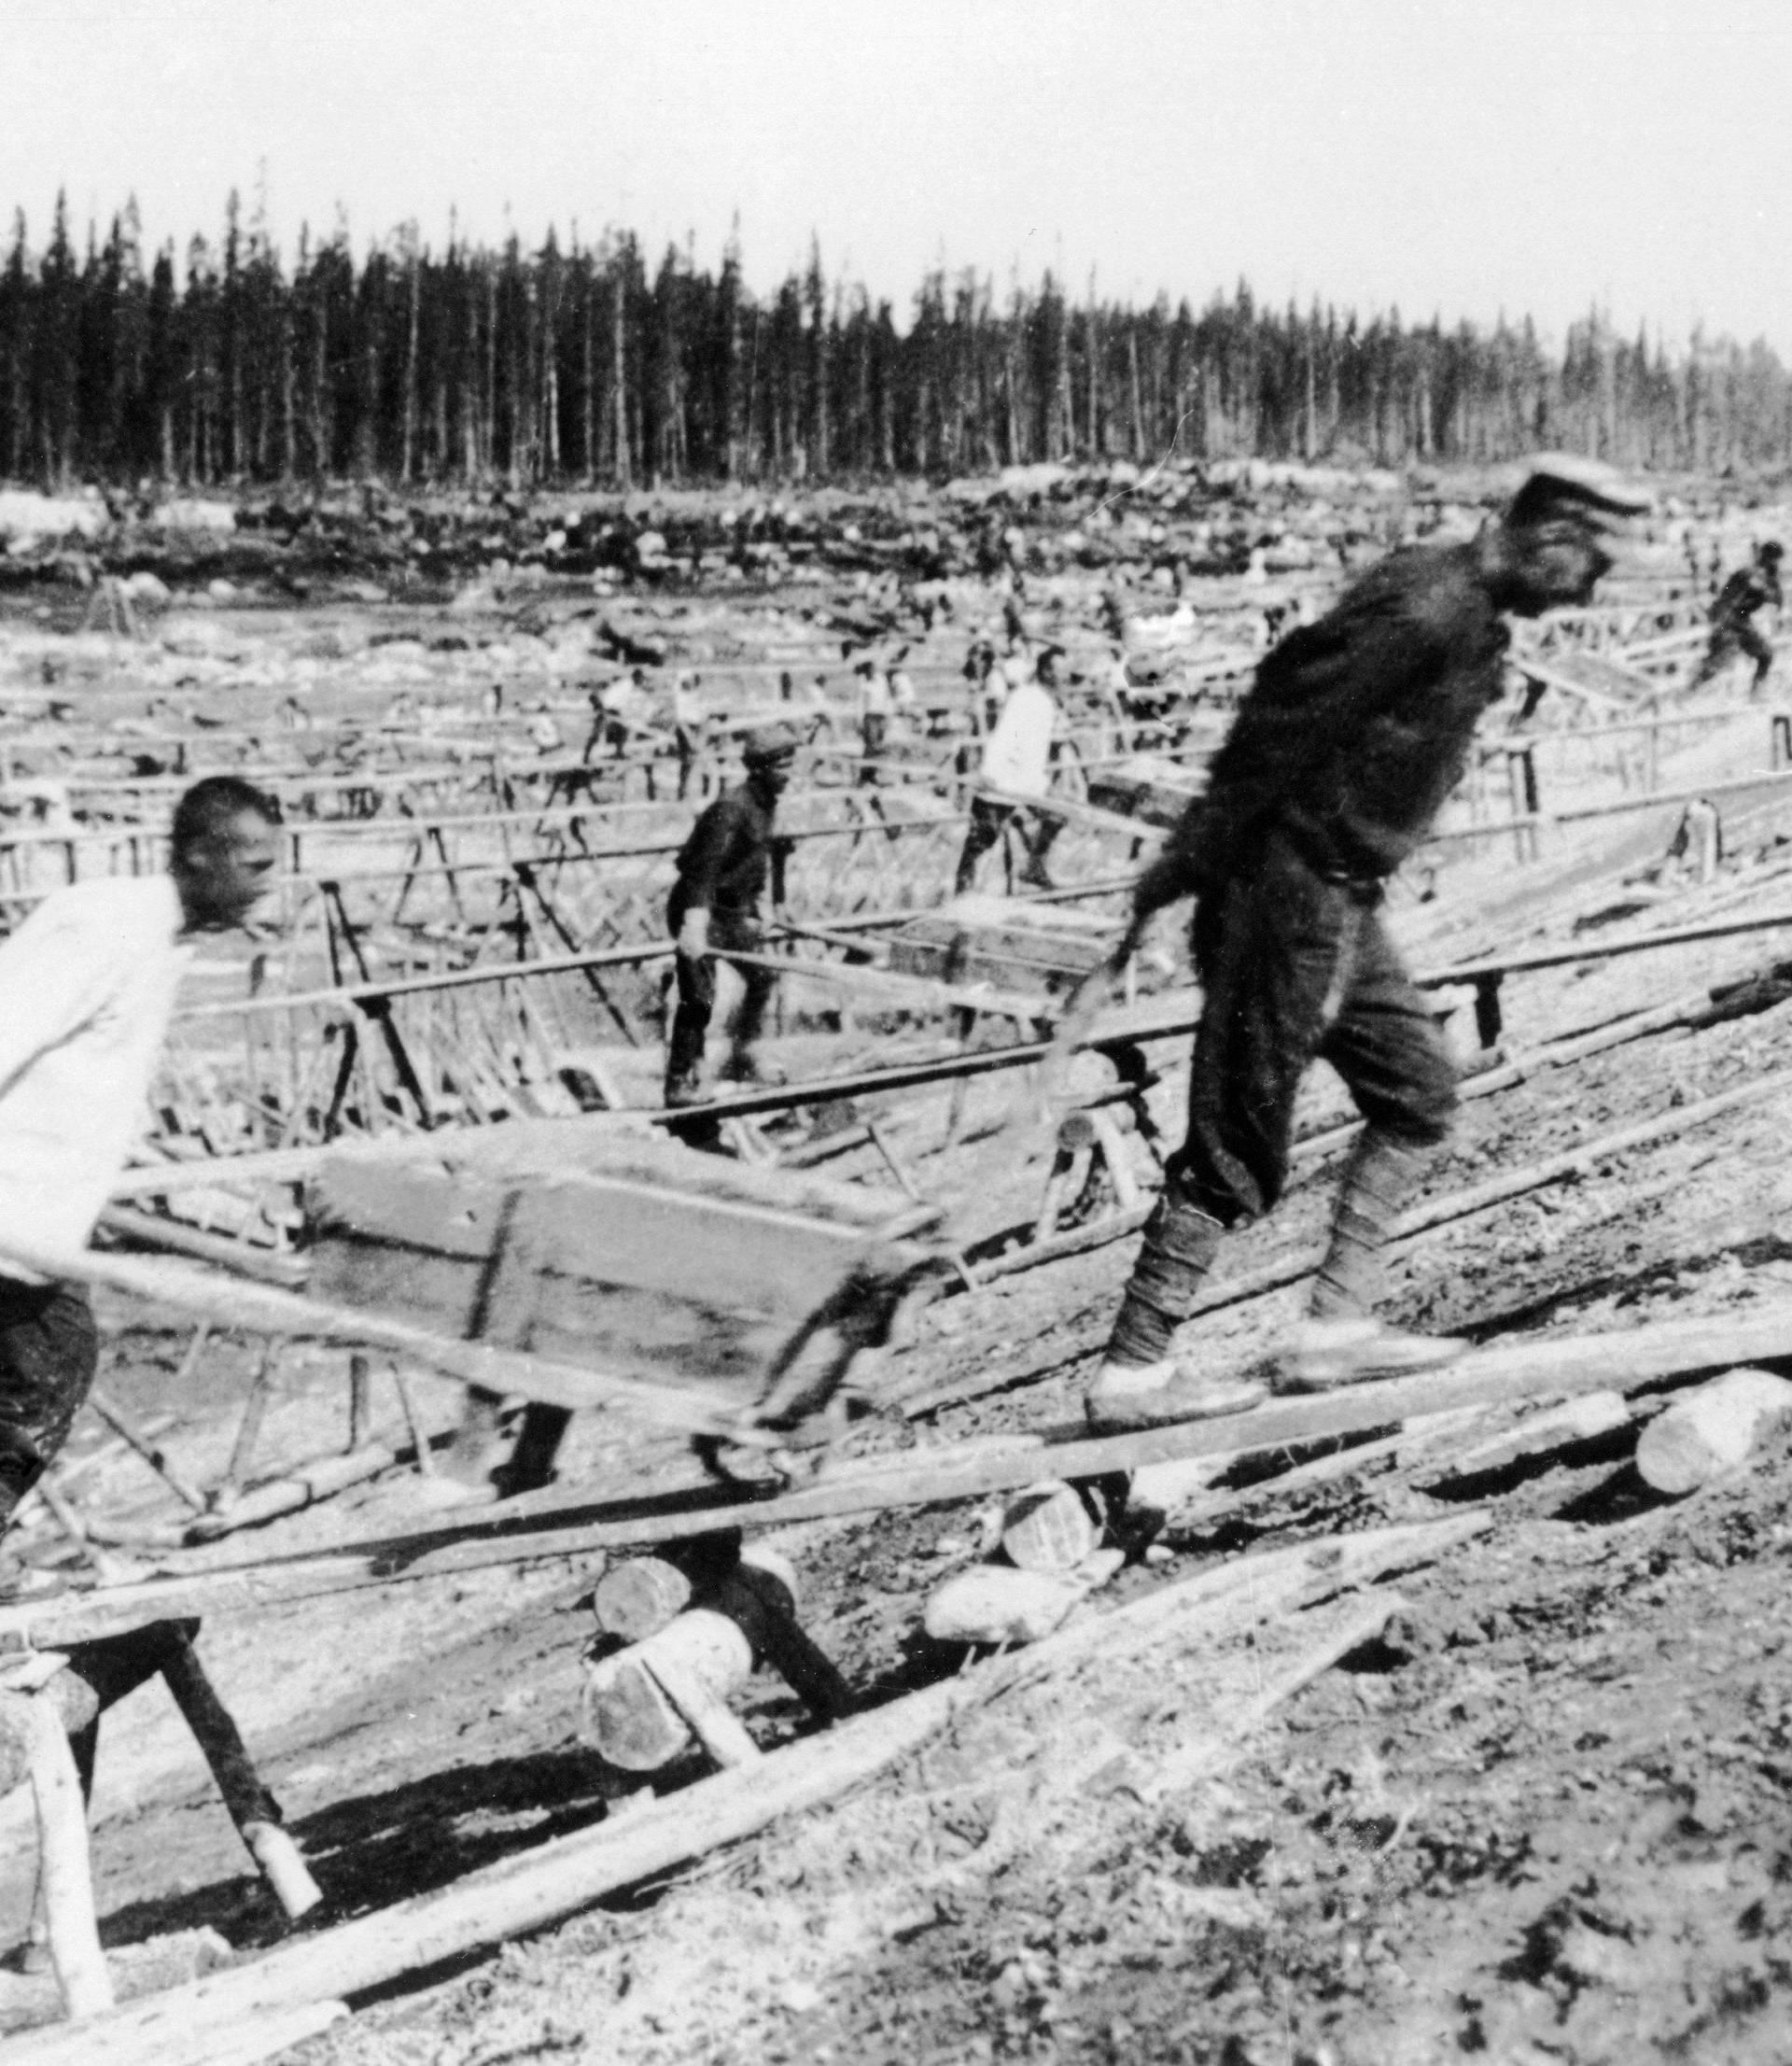 Straf-u. Arbeitslager / UdSSR / Foto um 1932